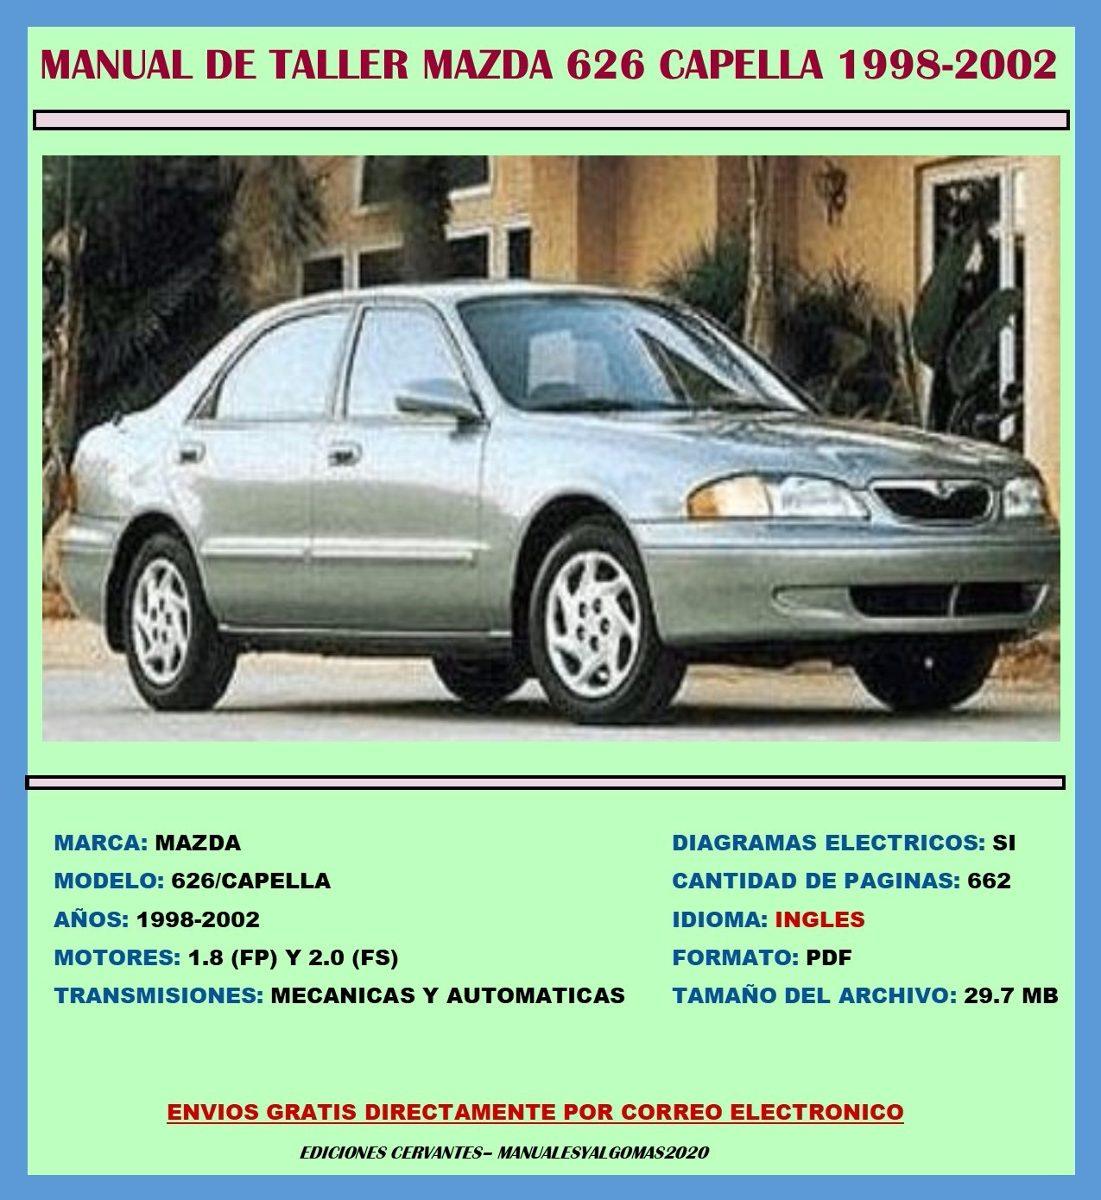 Manual De Taller Reparaci U00f3n Diagramas Mazda 626 1998-2002